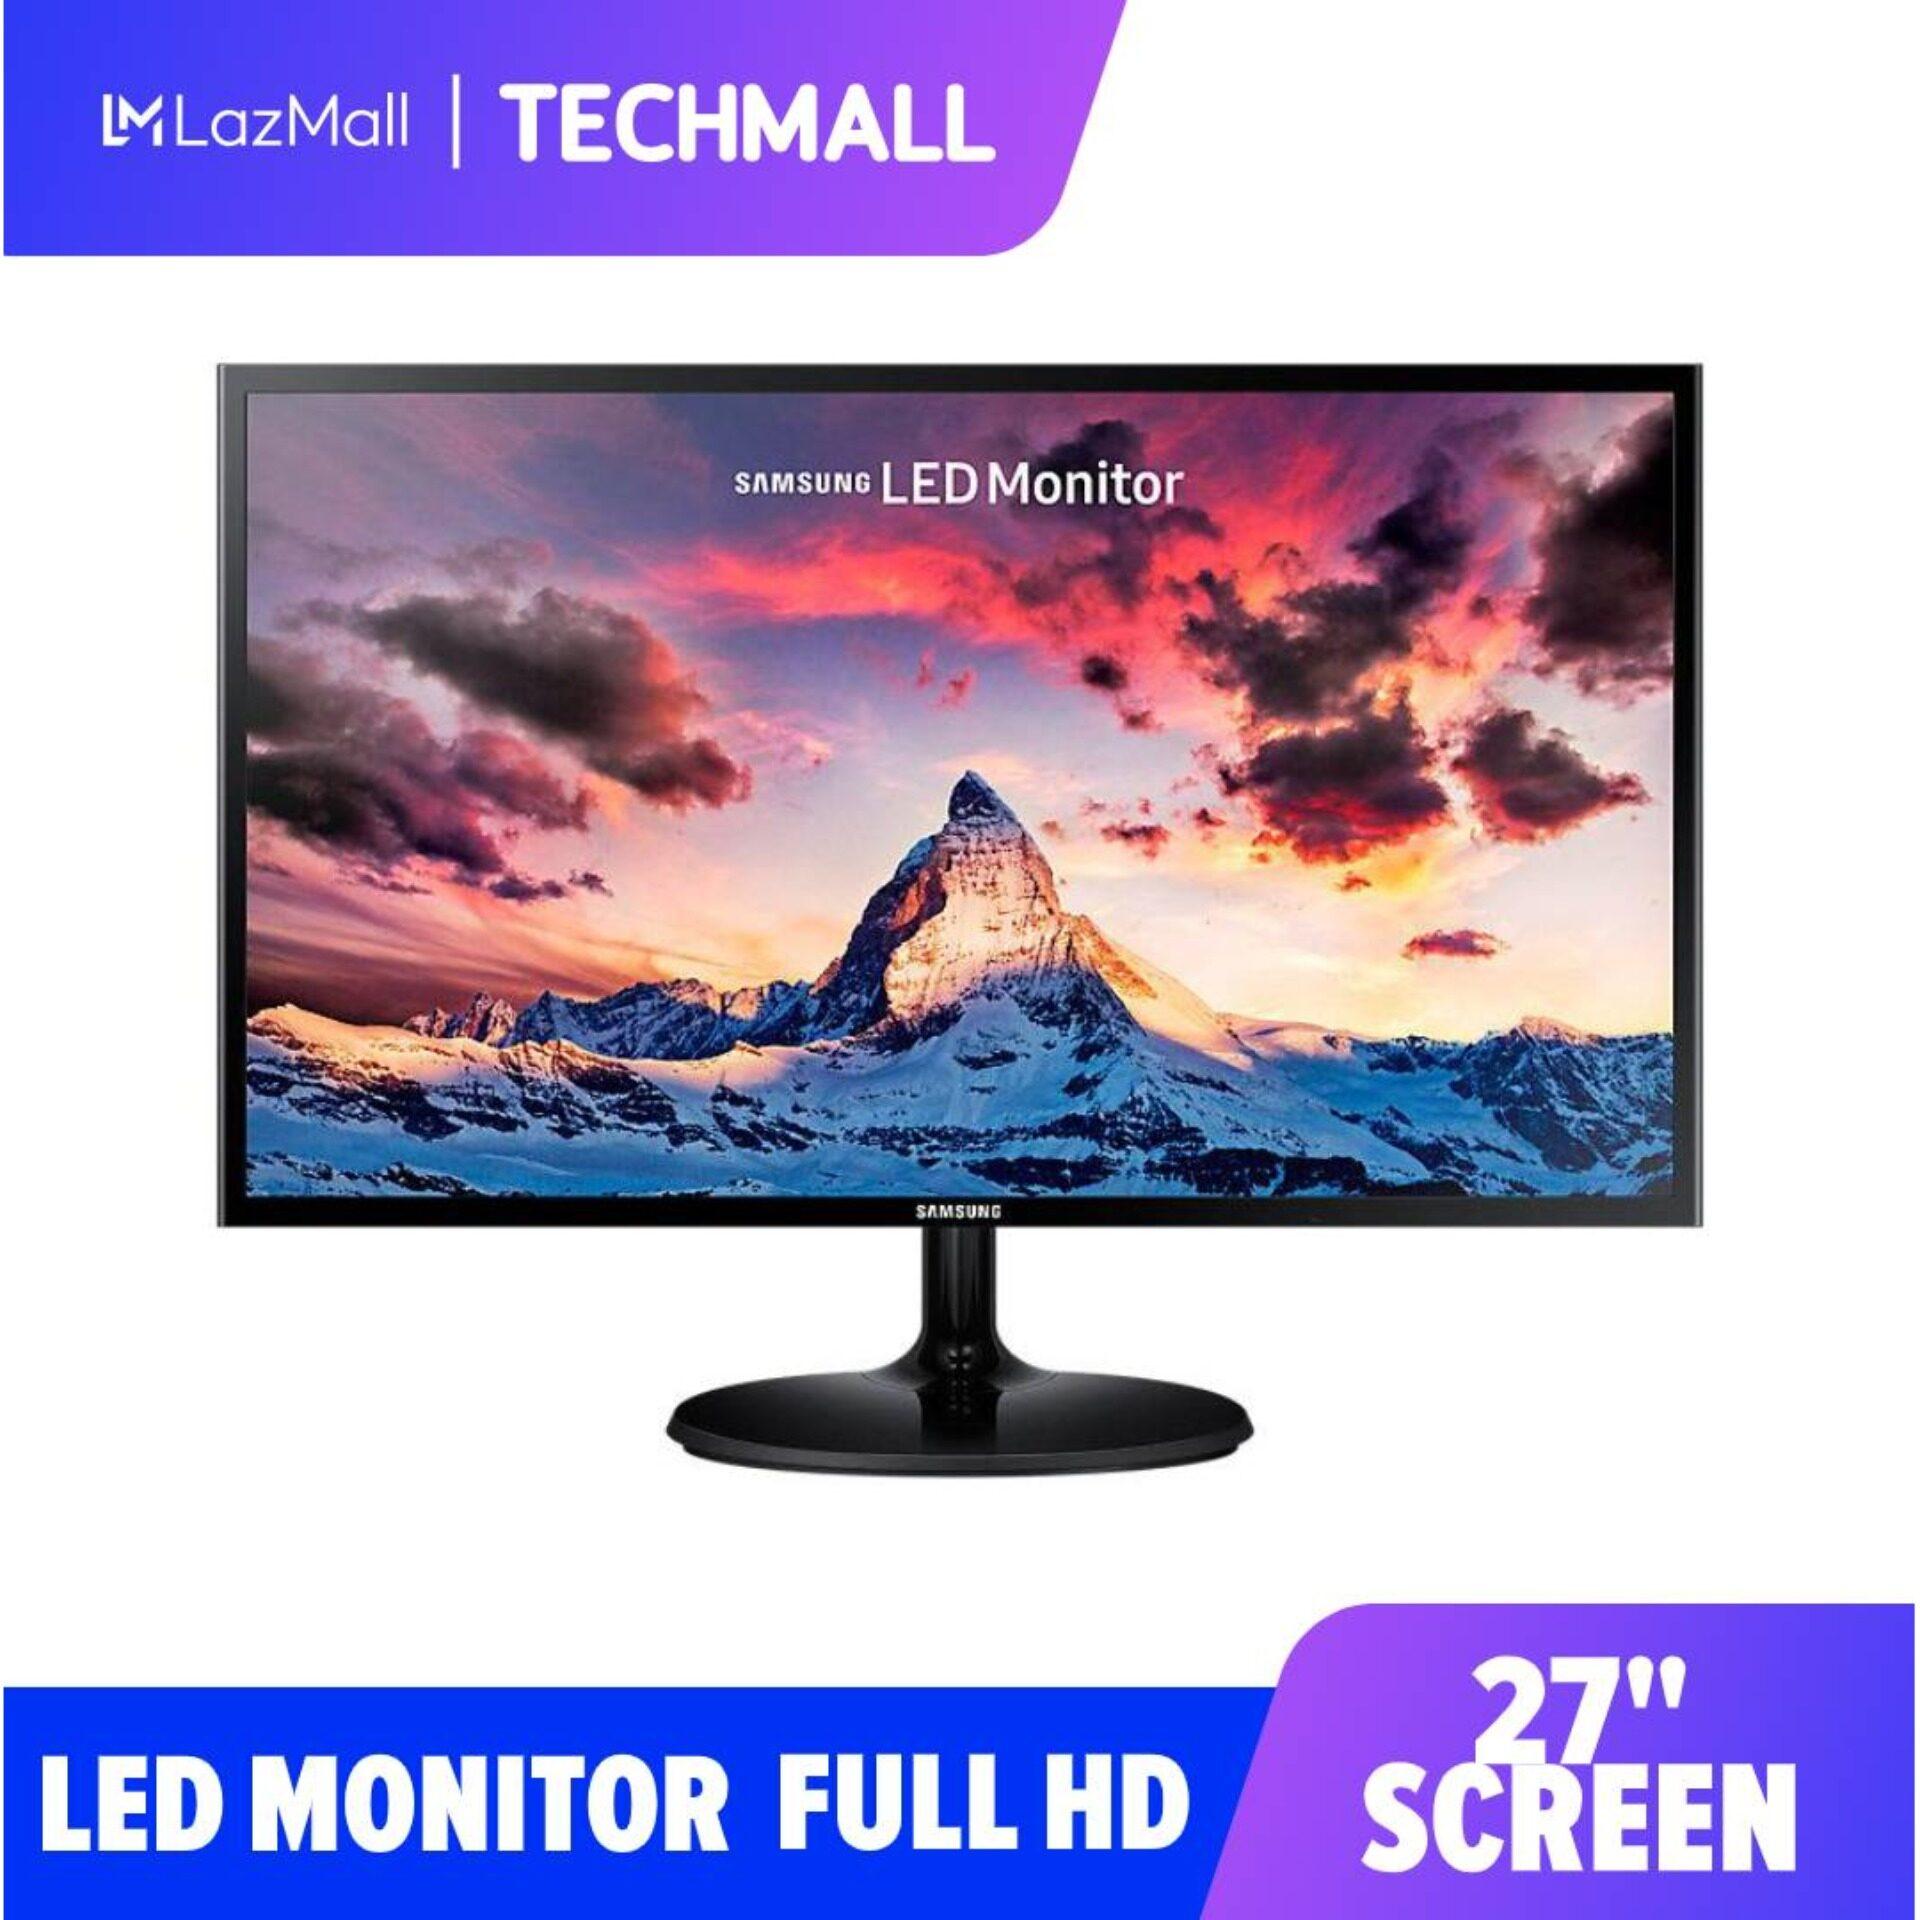 Samsung 27 FULL HD LED Monitor LS27F350FHEXXM Malaysia